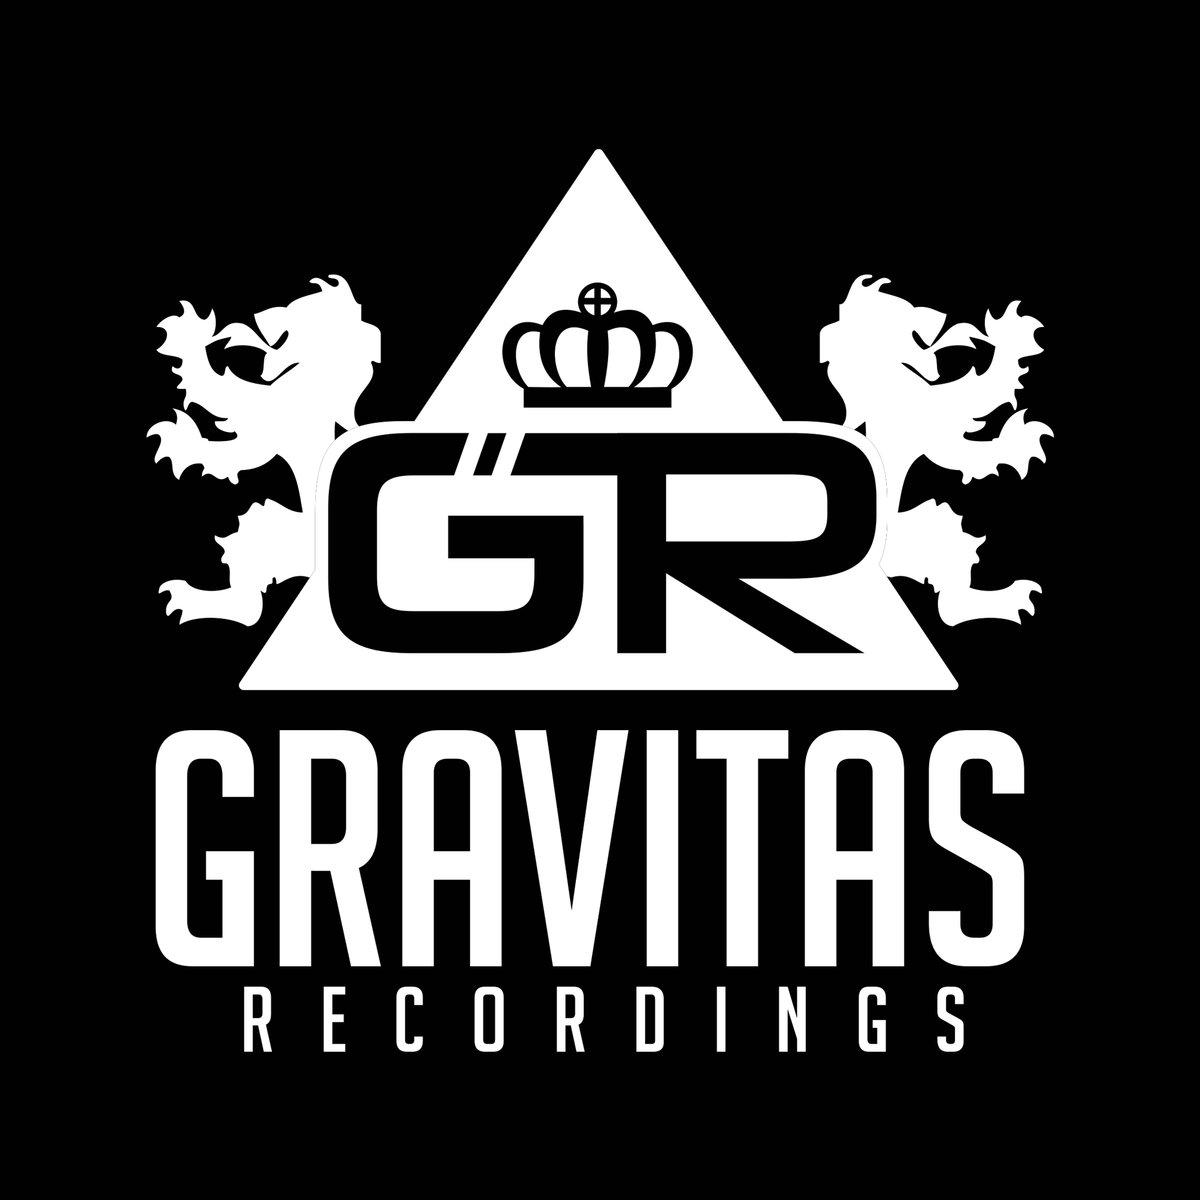 Gravitas Recordings